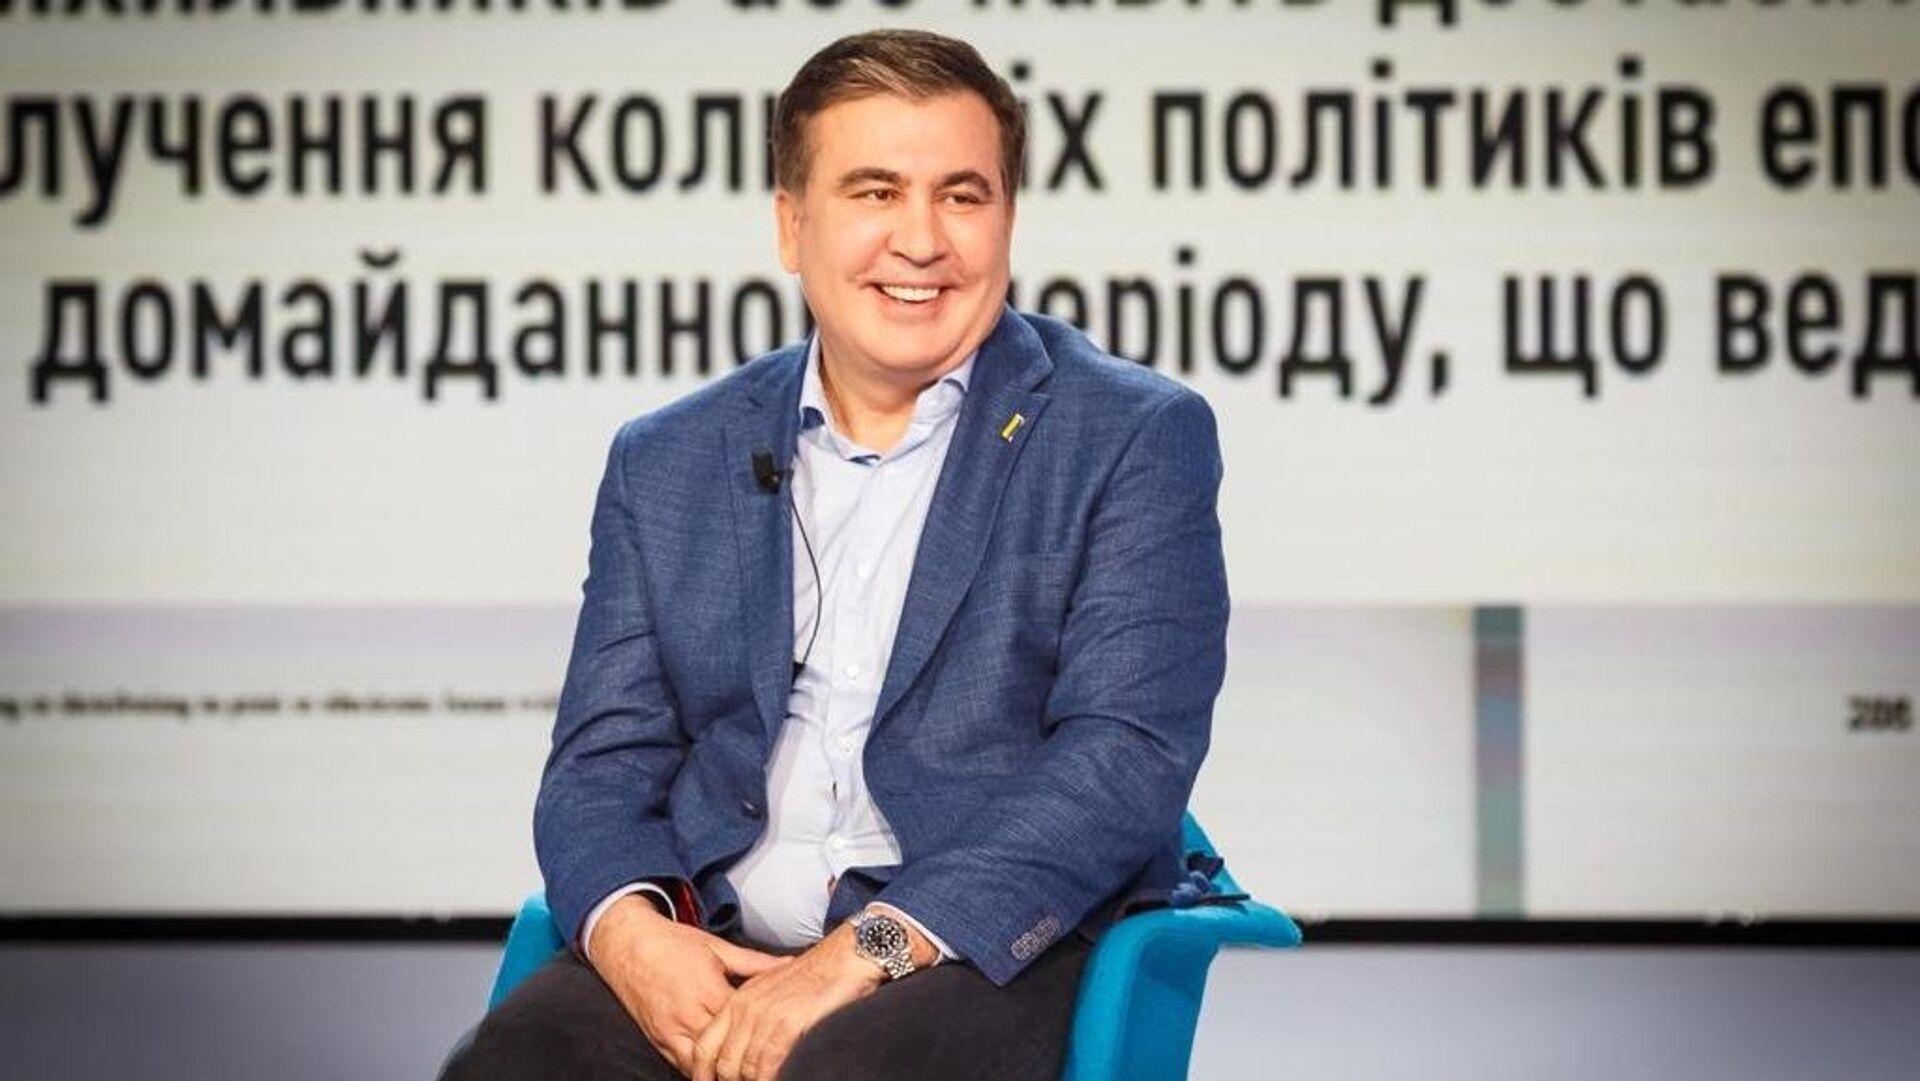 Лидер политической партии Движение новых сил Михаил Саакашвили - Sputnik Грузия, 1920, 28.09.2021